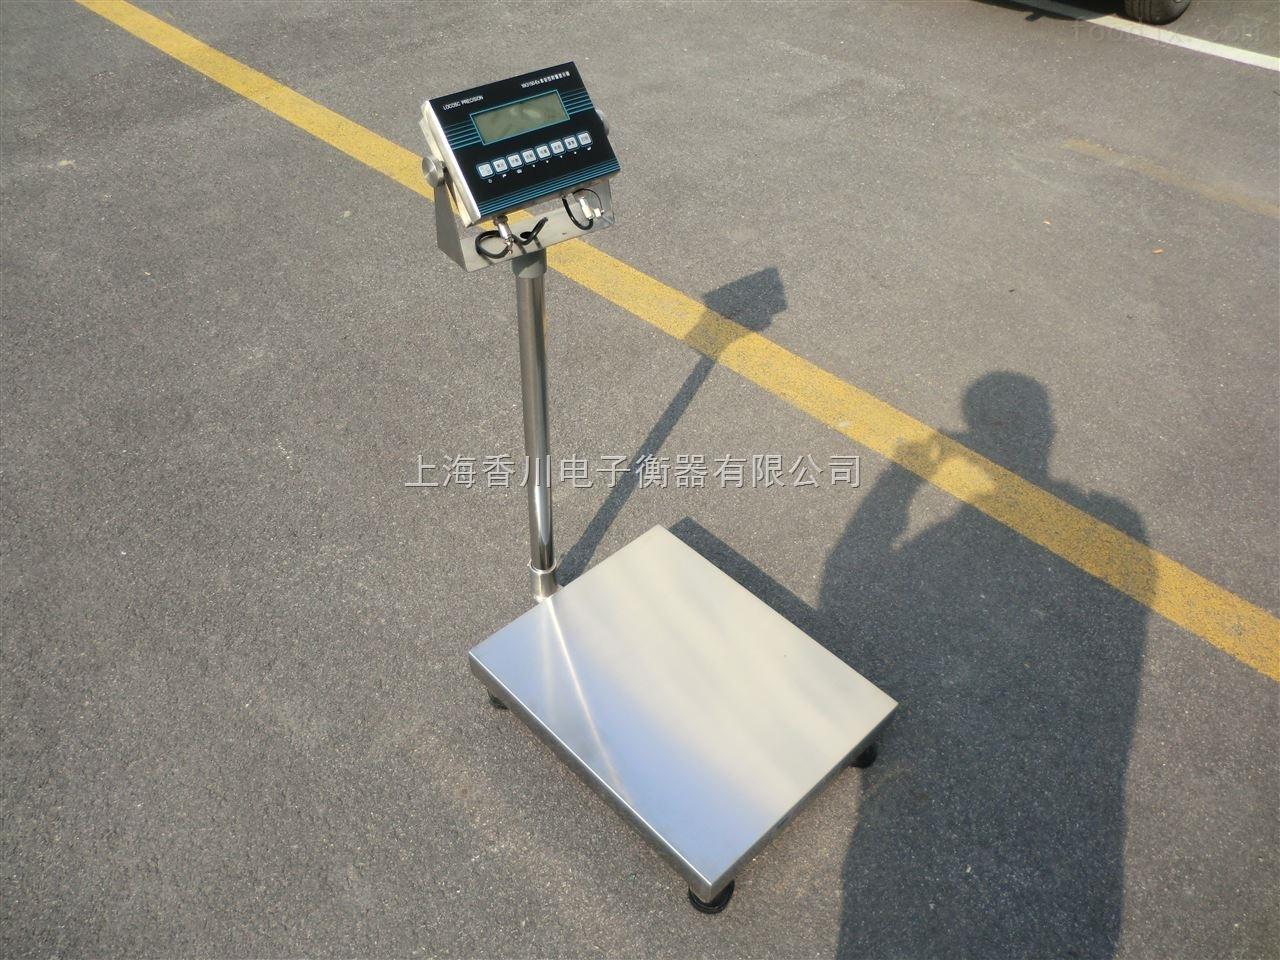 上海电子台秤  防爆记重秤 150kg电子秤